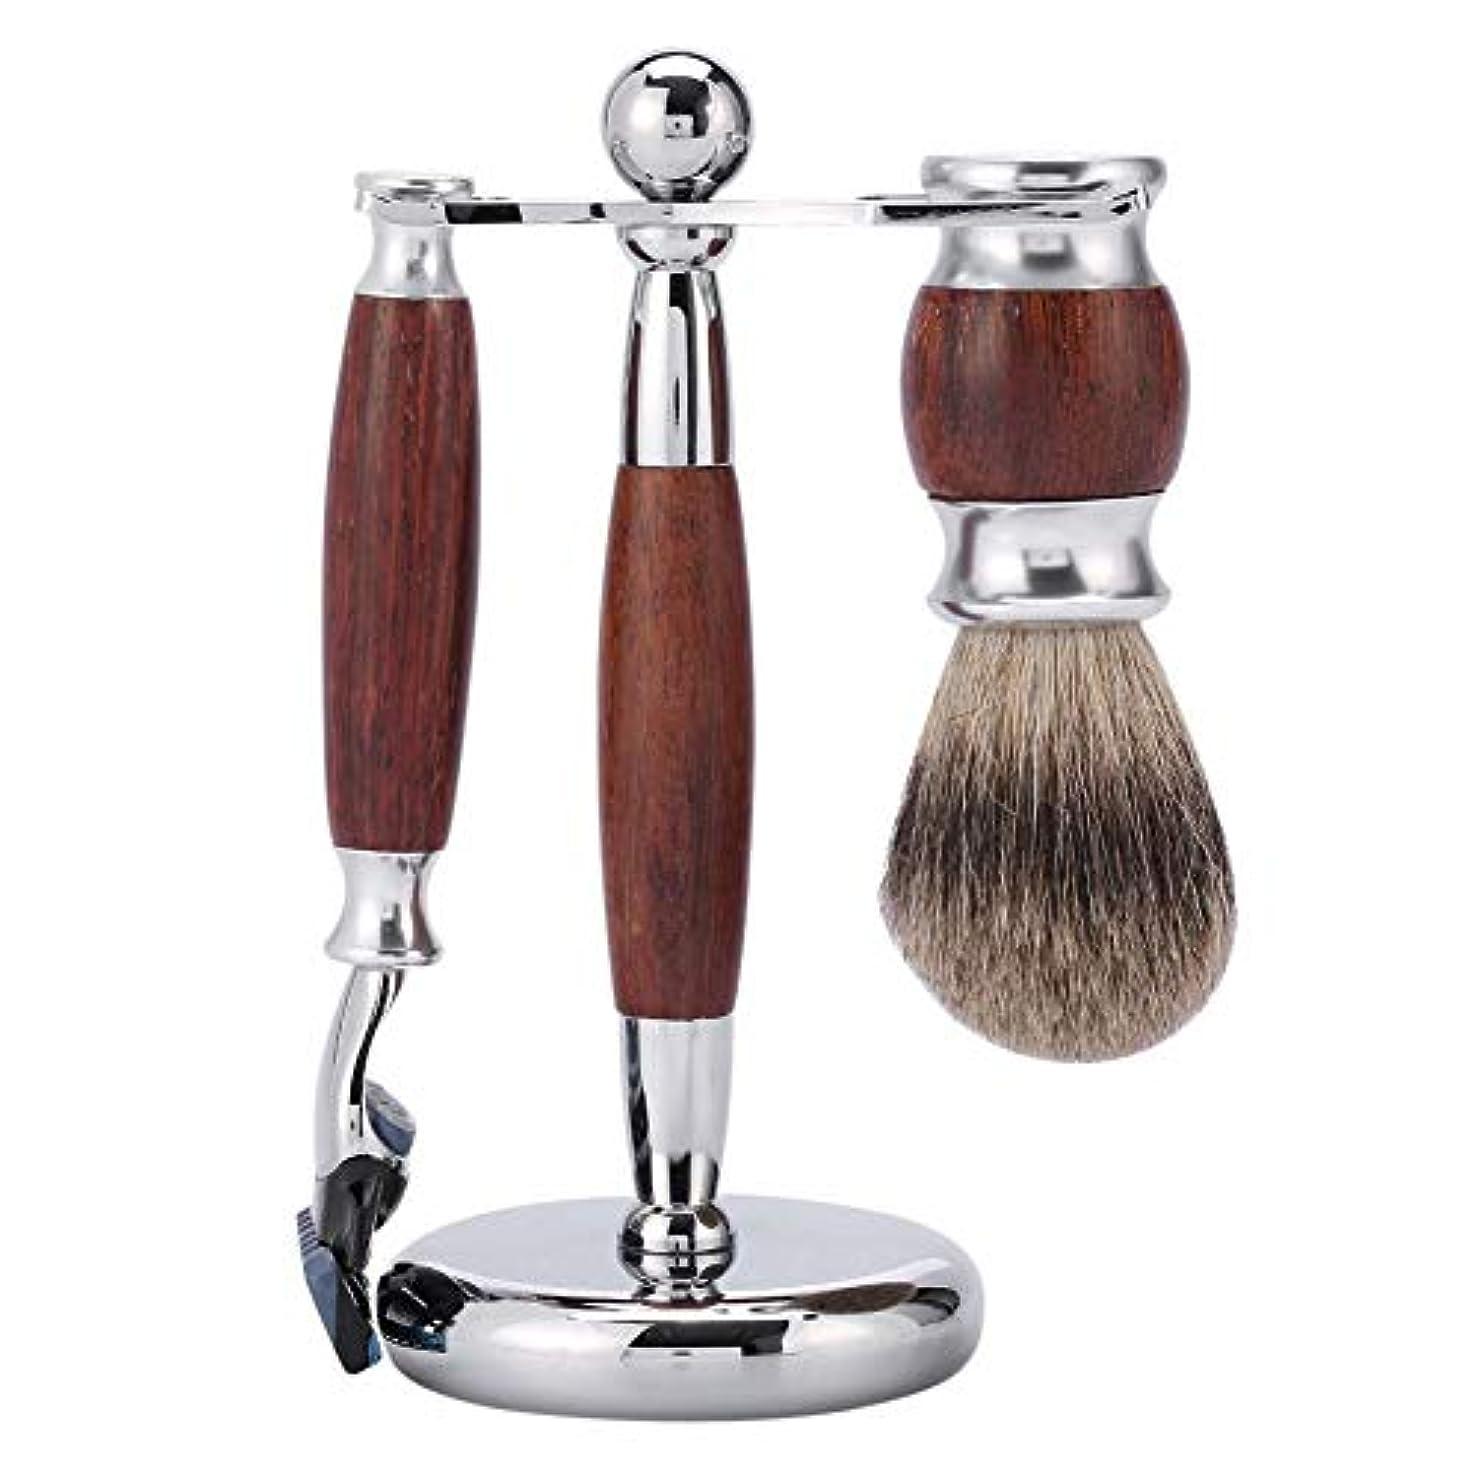 感動するバイオリニスト嬉しいですQiilu メンズひげ剃りセット カミソリ シェービング用品 木製ハンドルカミソリ シェービングブラシ シェービングスタンド シェービングボウル 携帯便利 旅行 海外 普段用